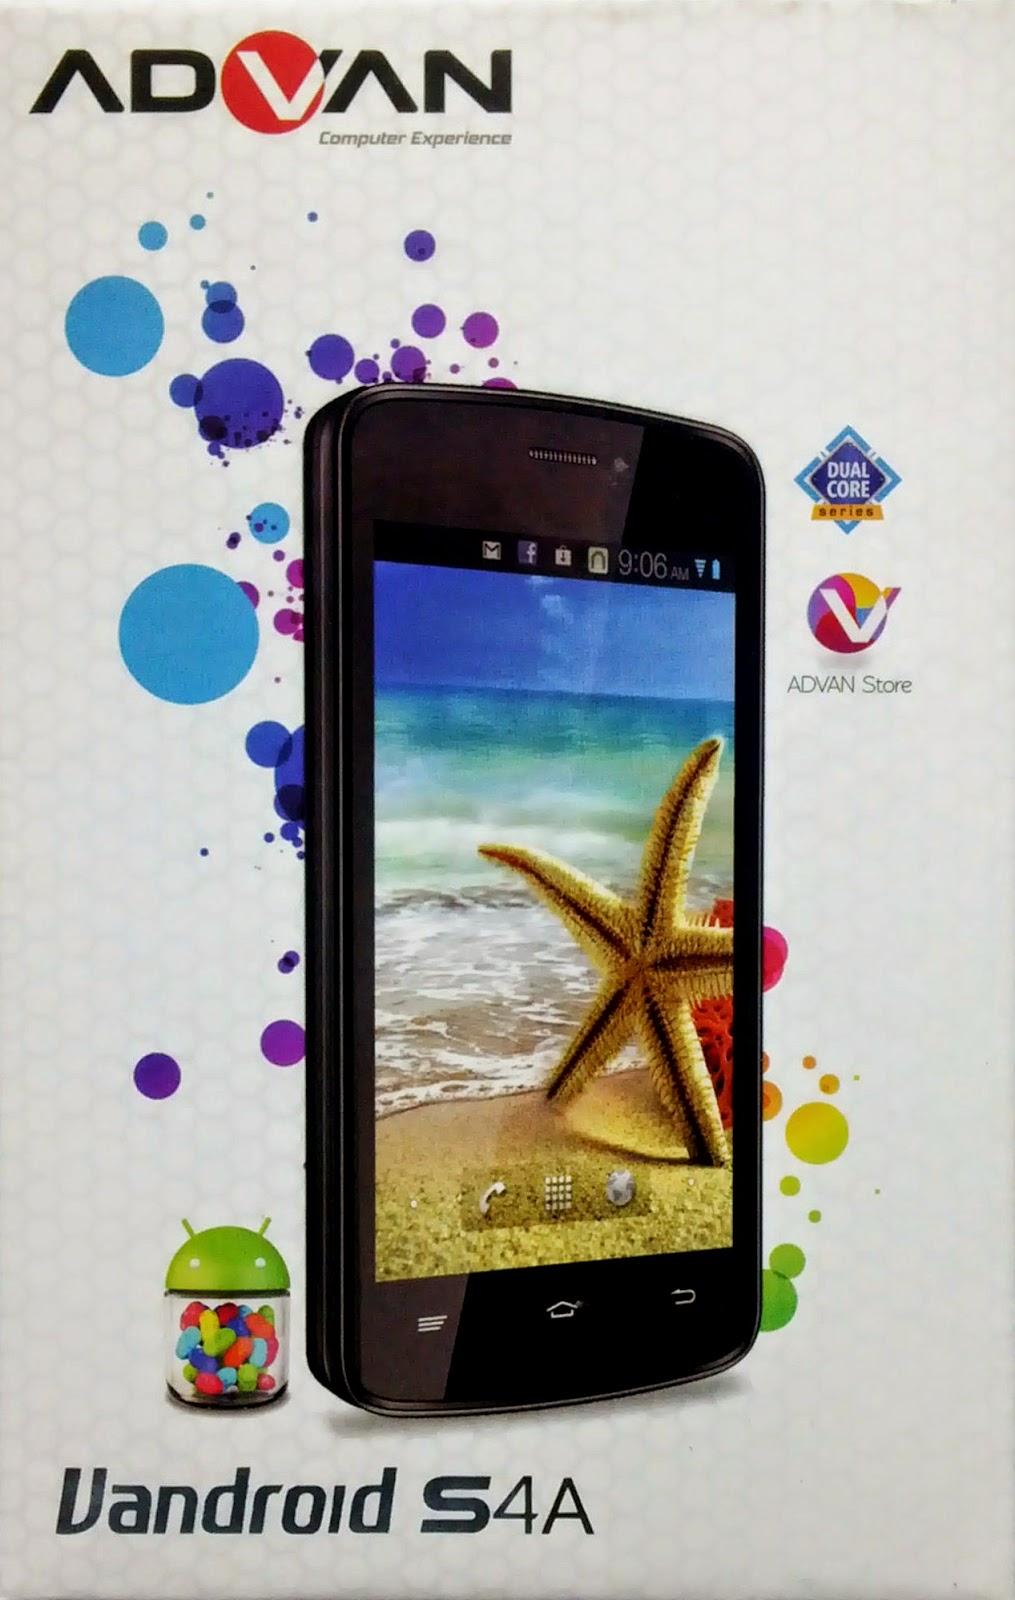 S4A adalah smartphone berfitur Dual GSM (Support 3G Internet) dan